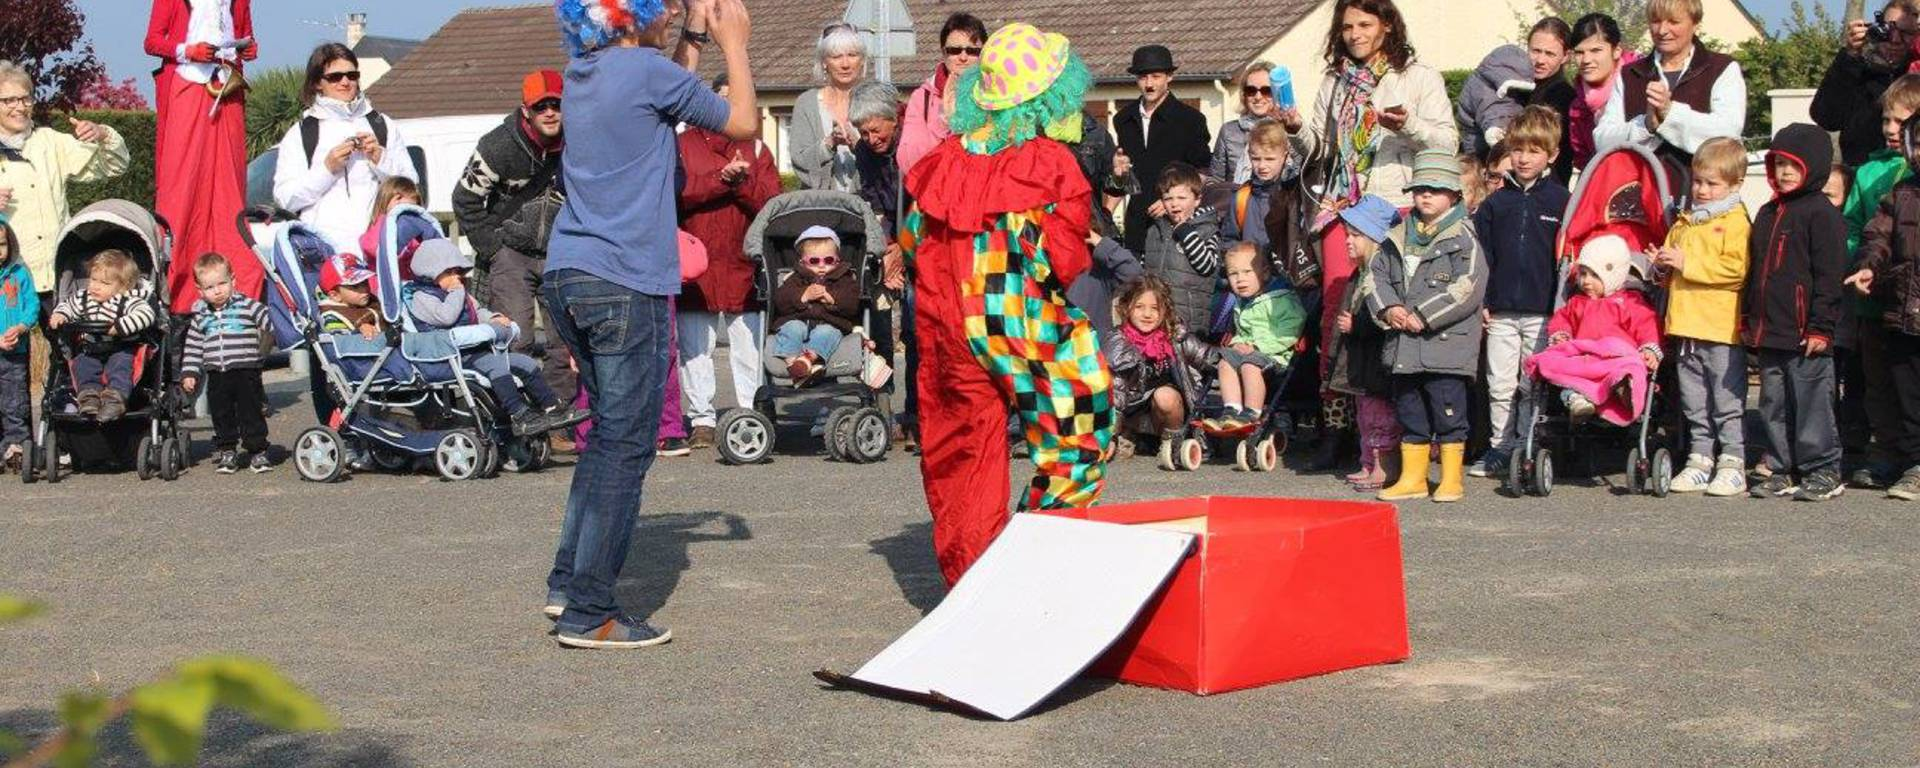 Devenir artiste de cirque